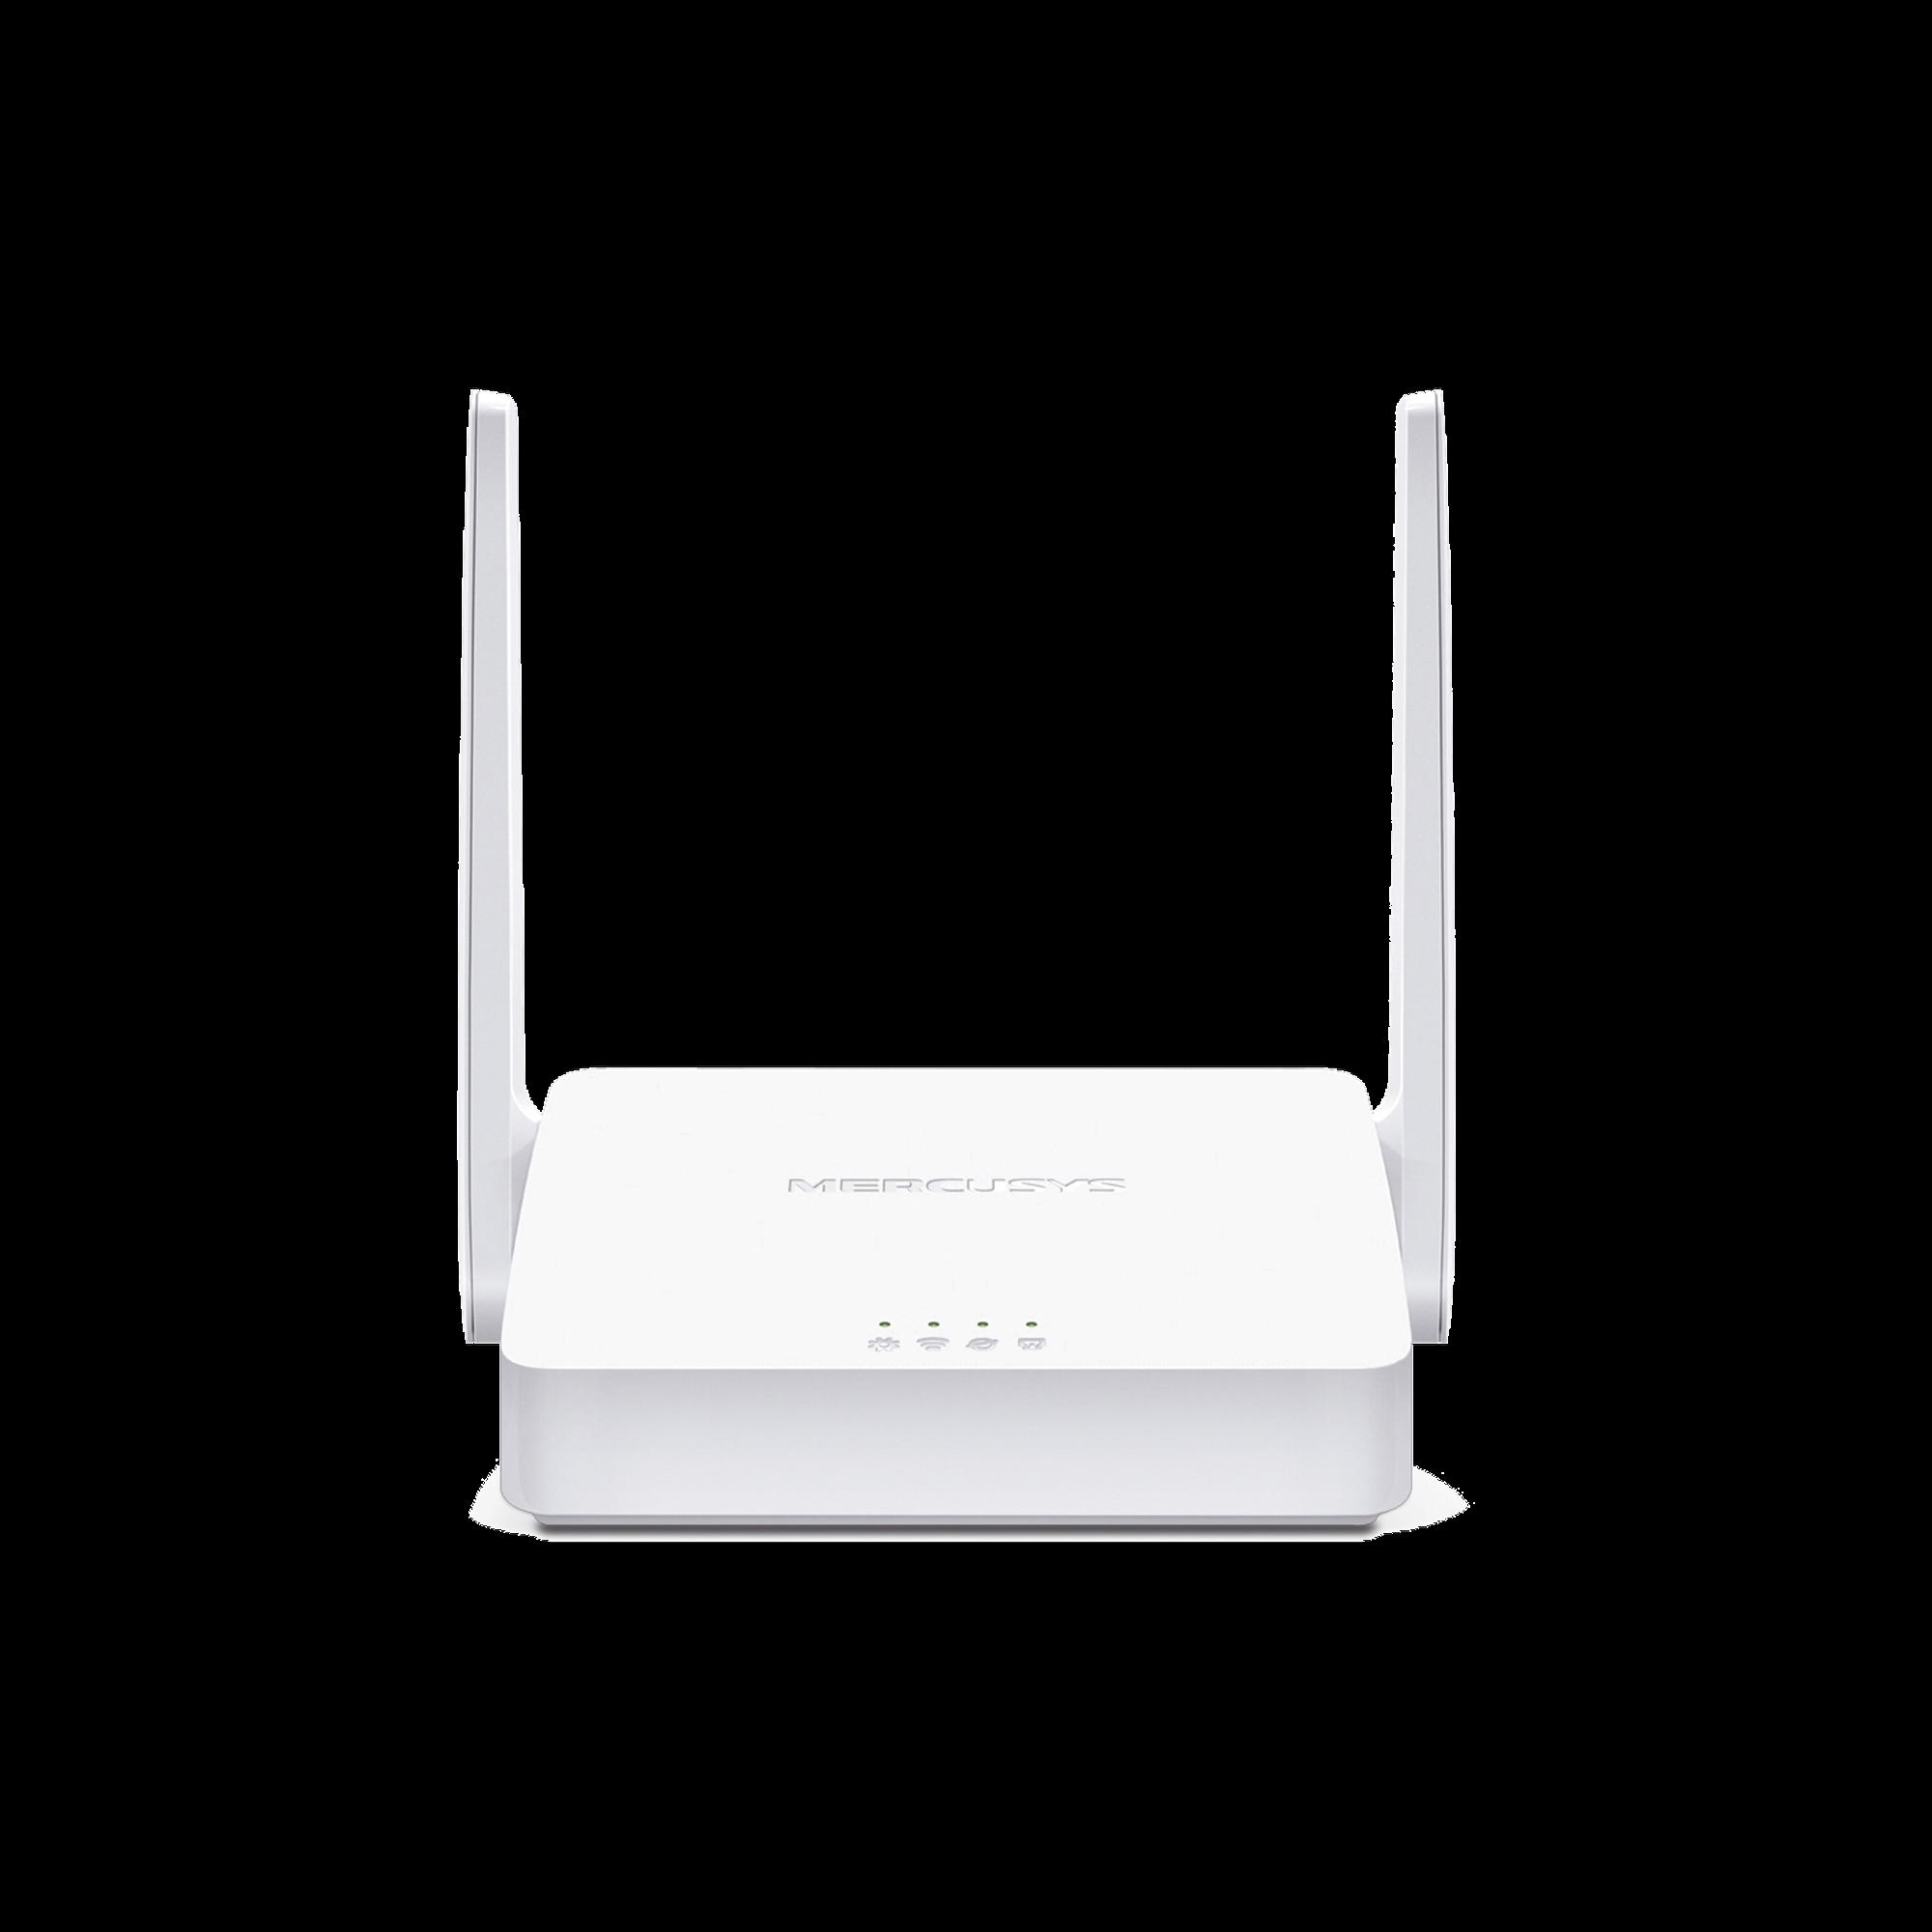 Router Inalámbrico WISP N 2.4 GHz de 300 Mbps 1 puerto WAN 10/100 Mbps 2 puertos LAN 10/100 Mbps versión con 2 antenas de 5 dBi